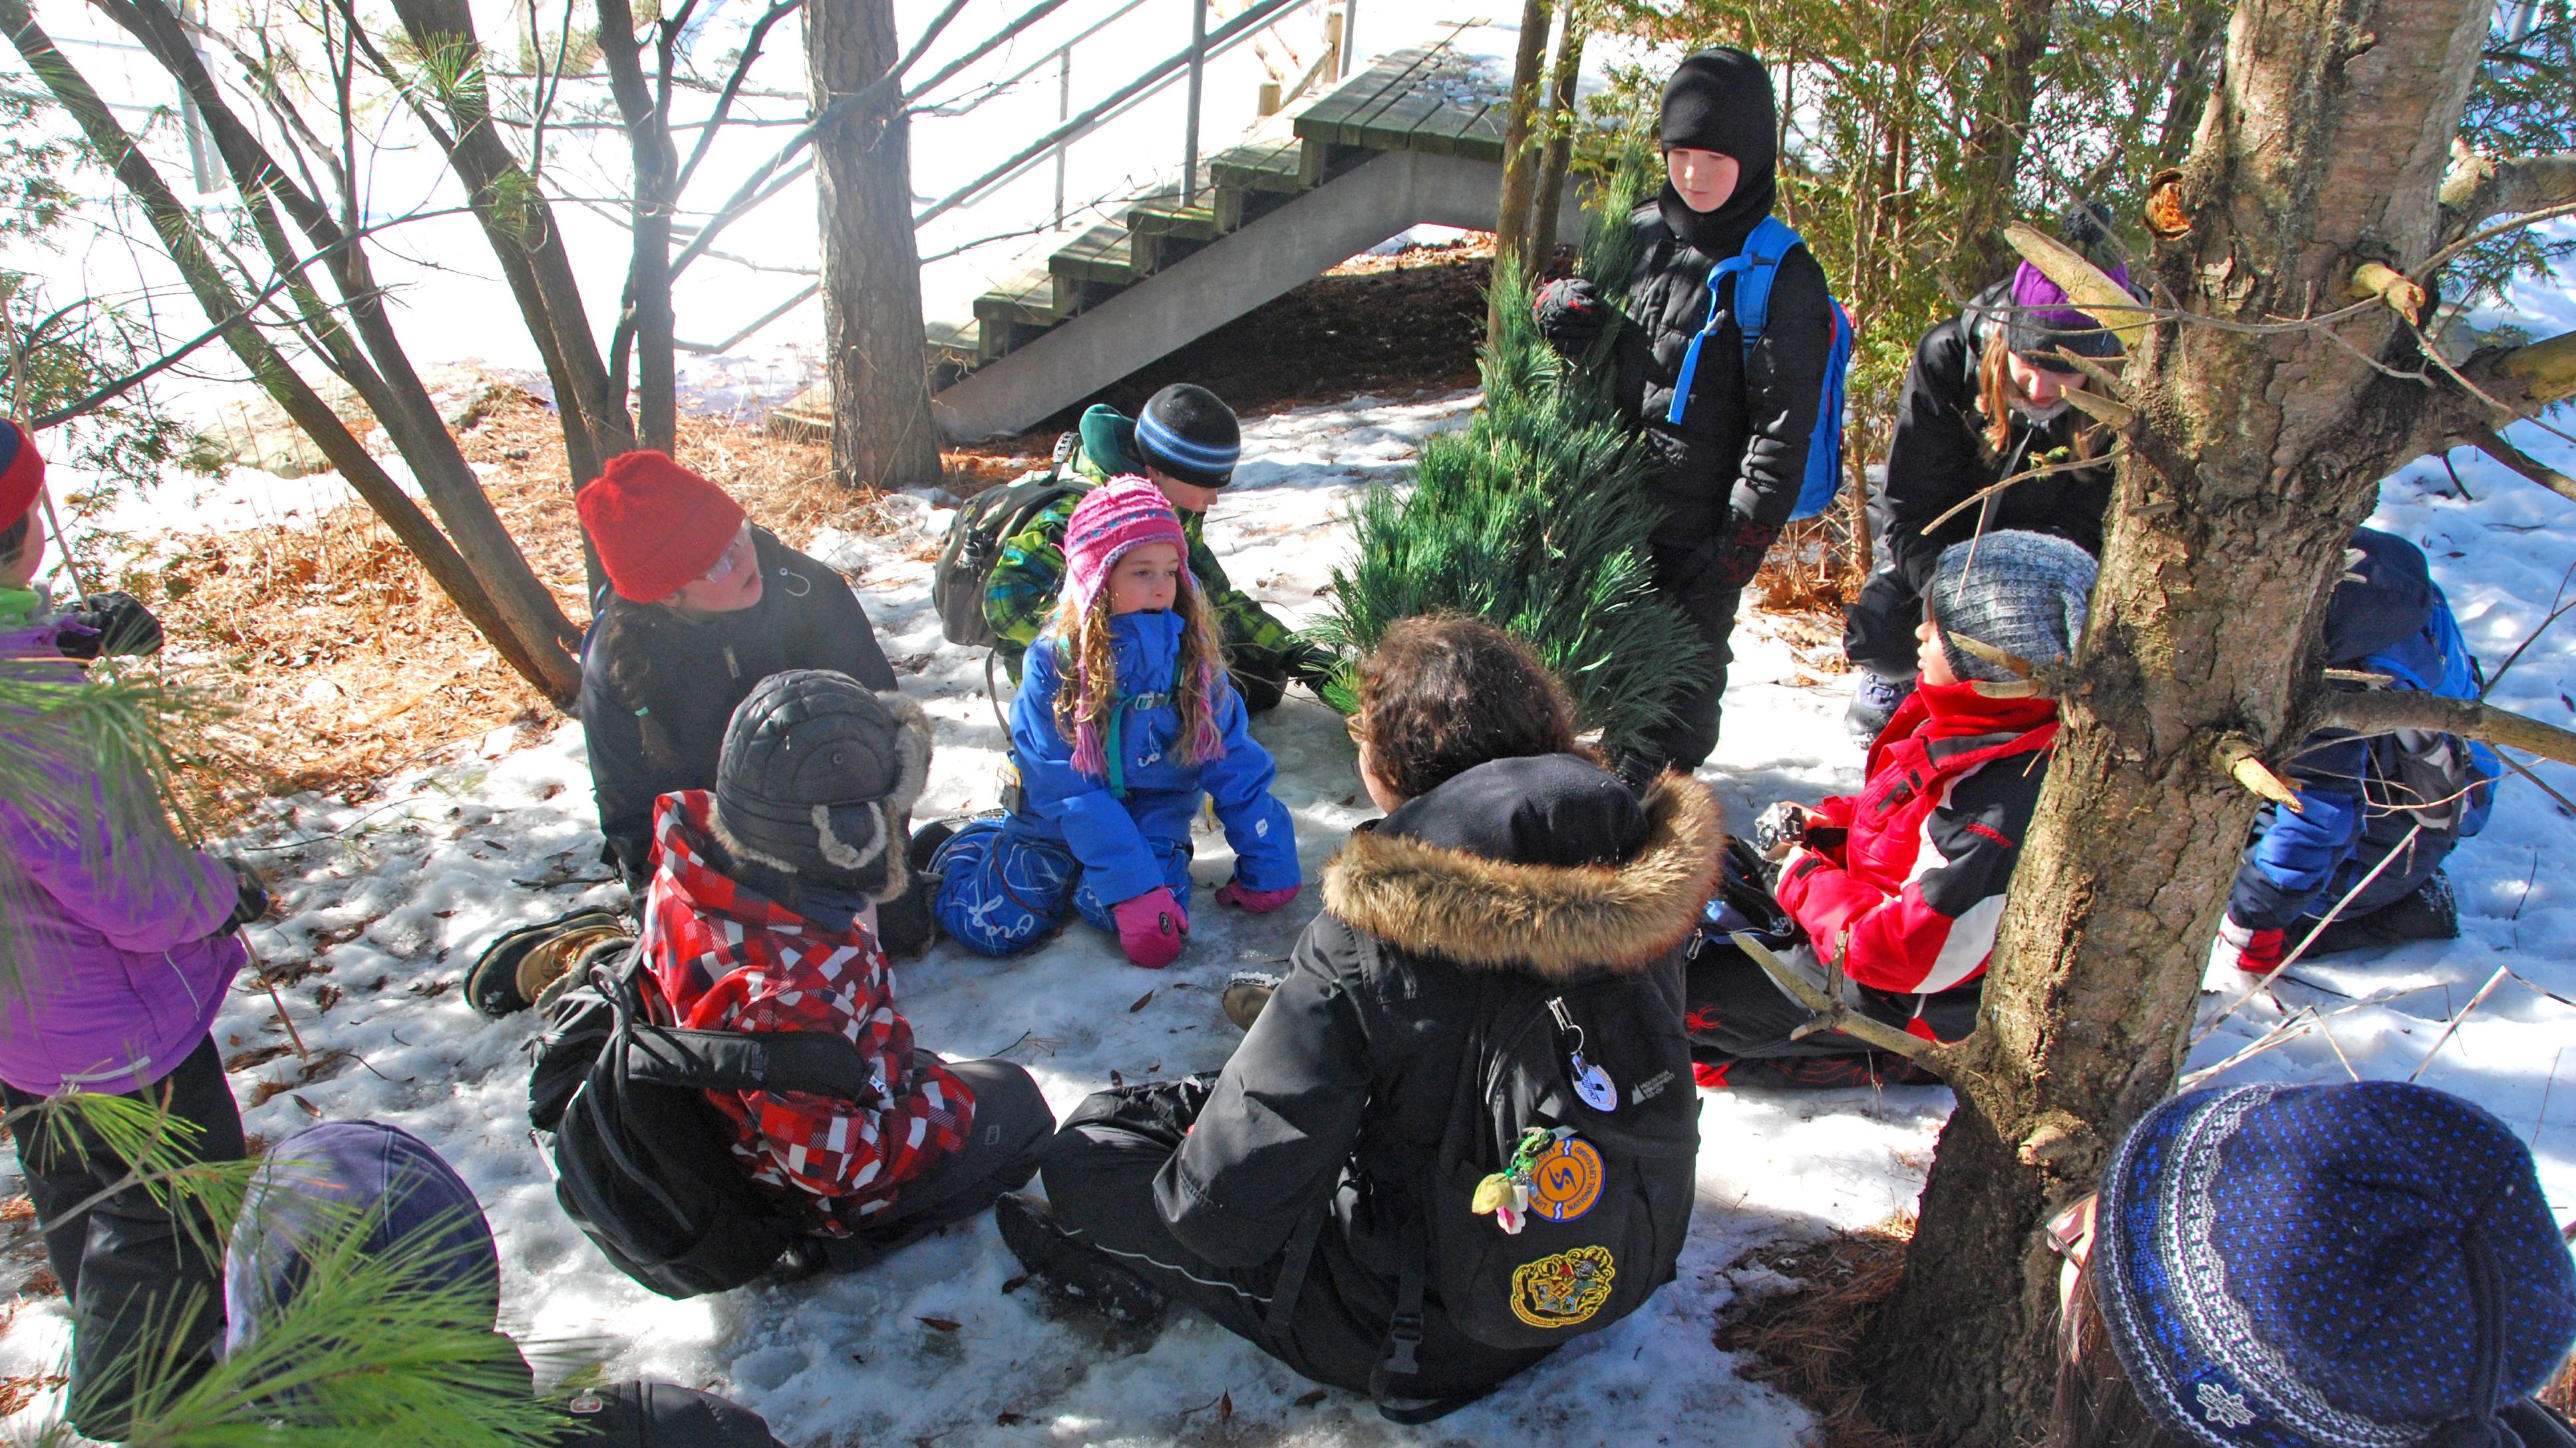 Children play in the Children's Garden in winter.